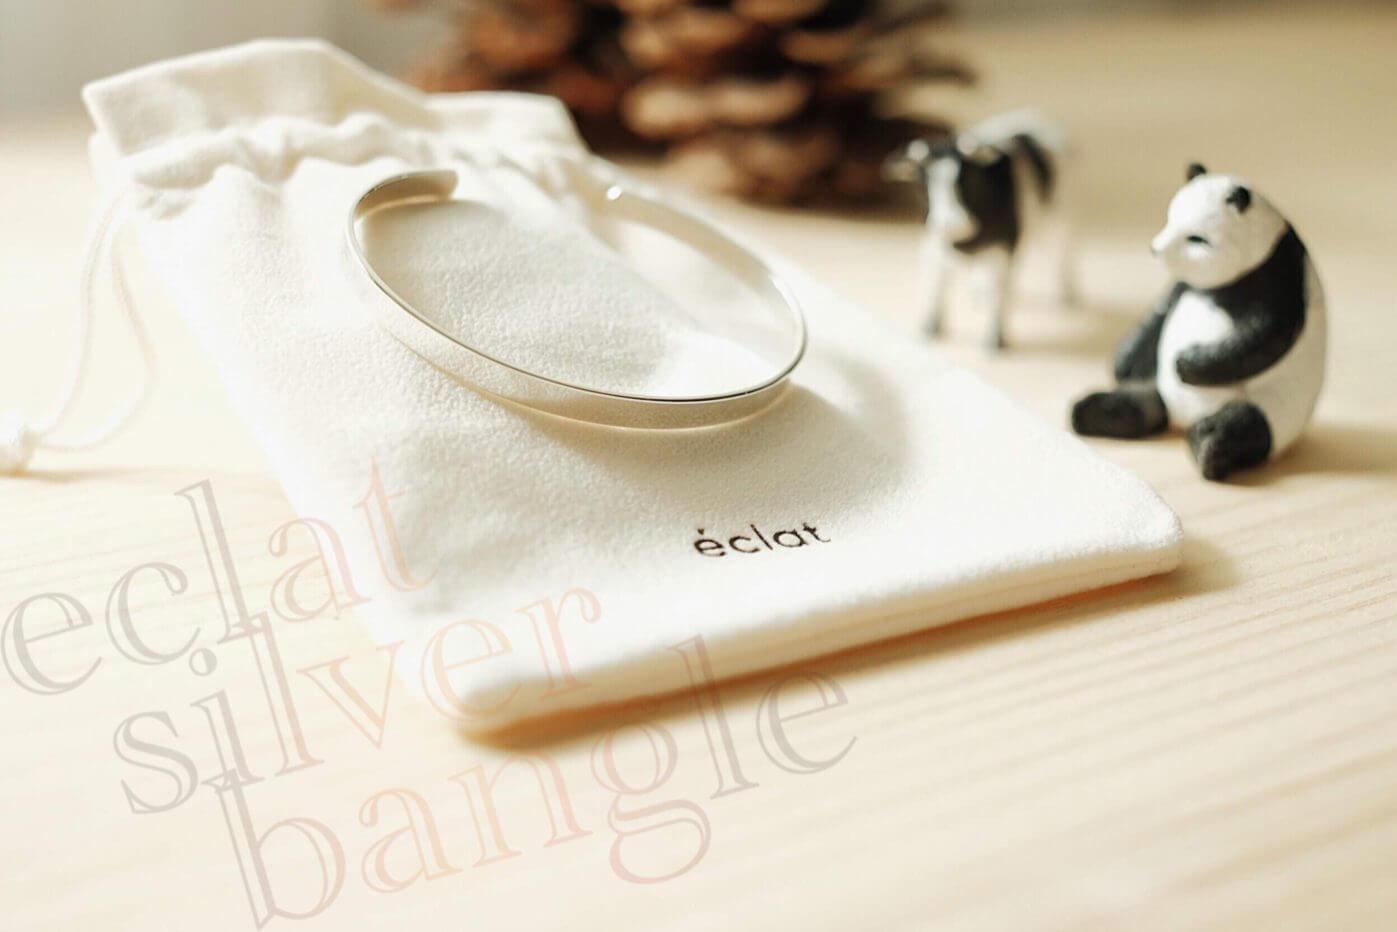 静かにさりげなく光る、エクラ(eclat)のシンプルなシルバーバングルをプレゼント